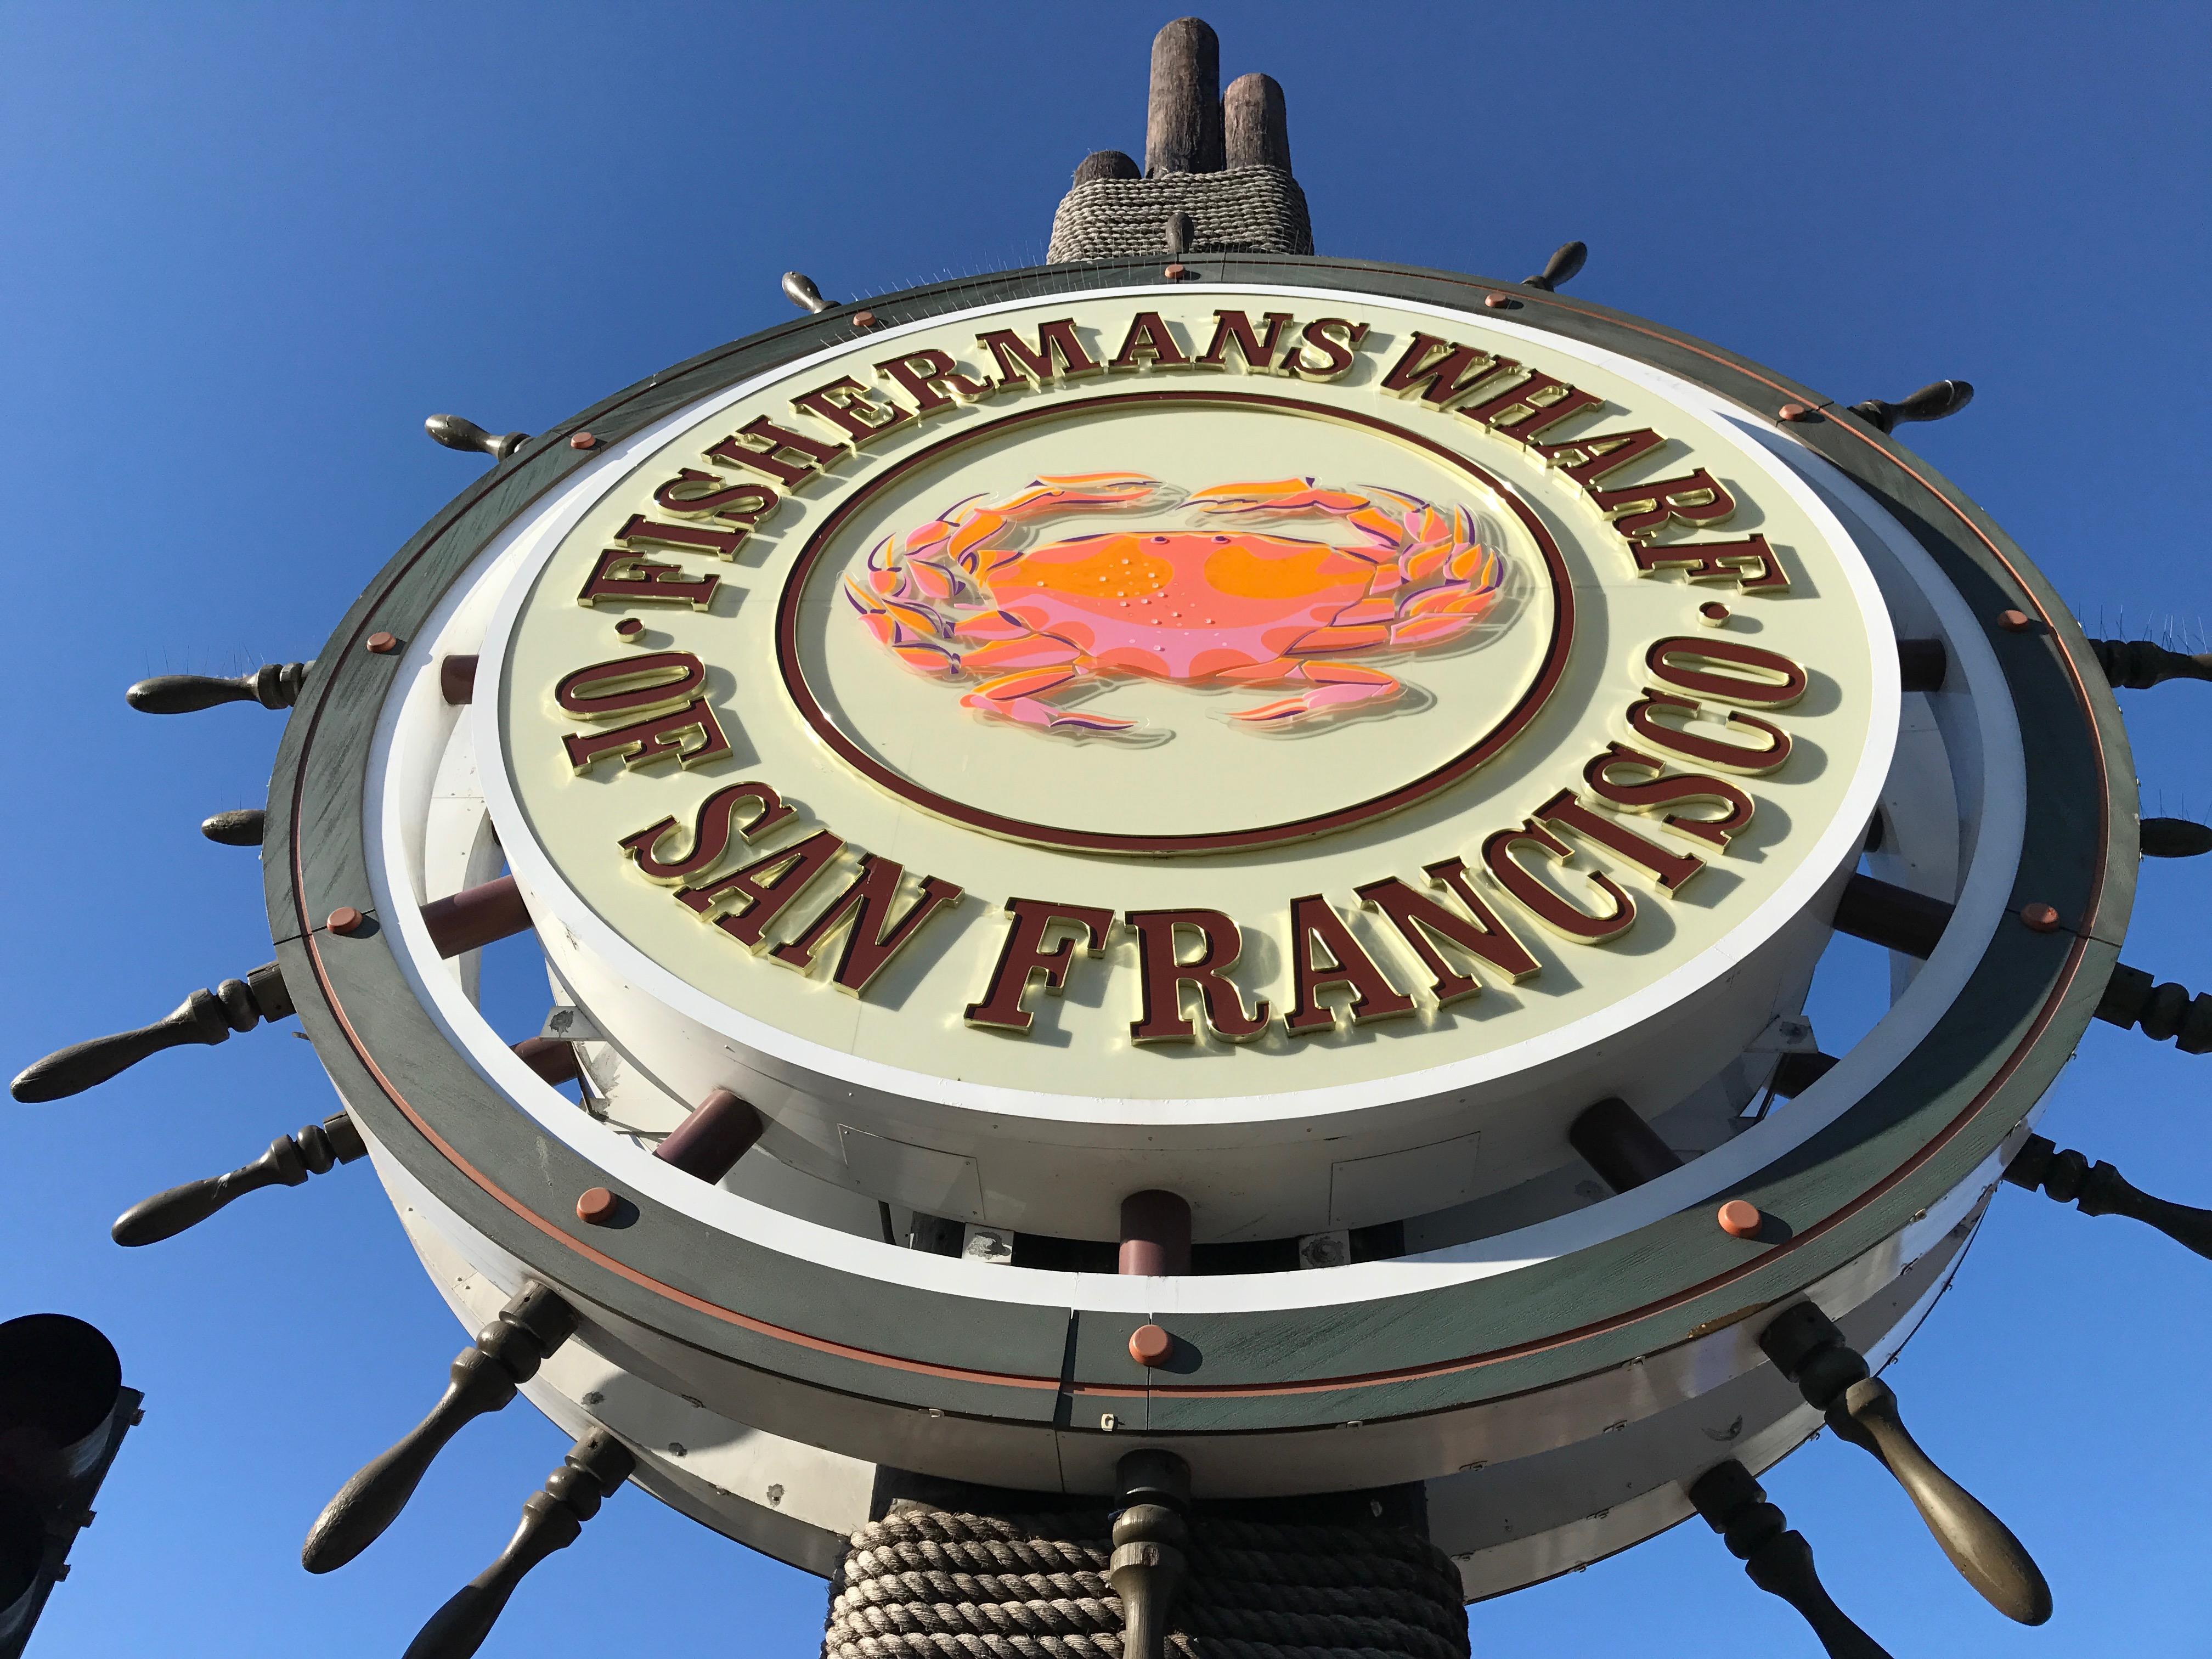 Das Symbol des touristischen Wahnsinns. Fisherman's Wharf.